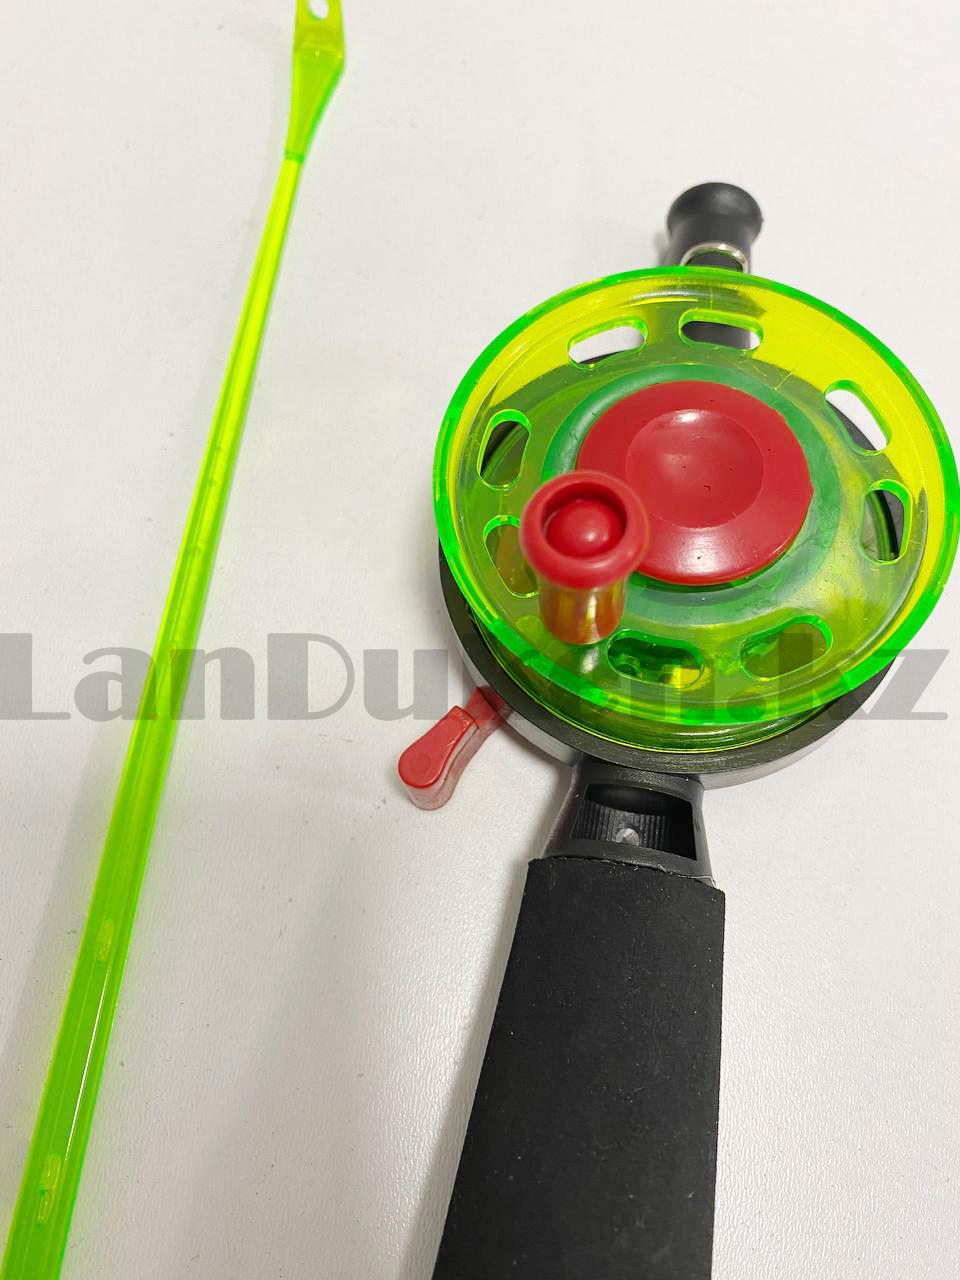 Зимняя удочка для блеснения разборная (зеленая катушка) 50,5 см - фото 4